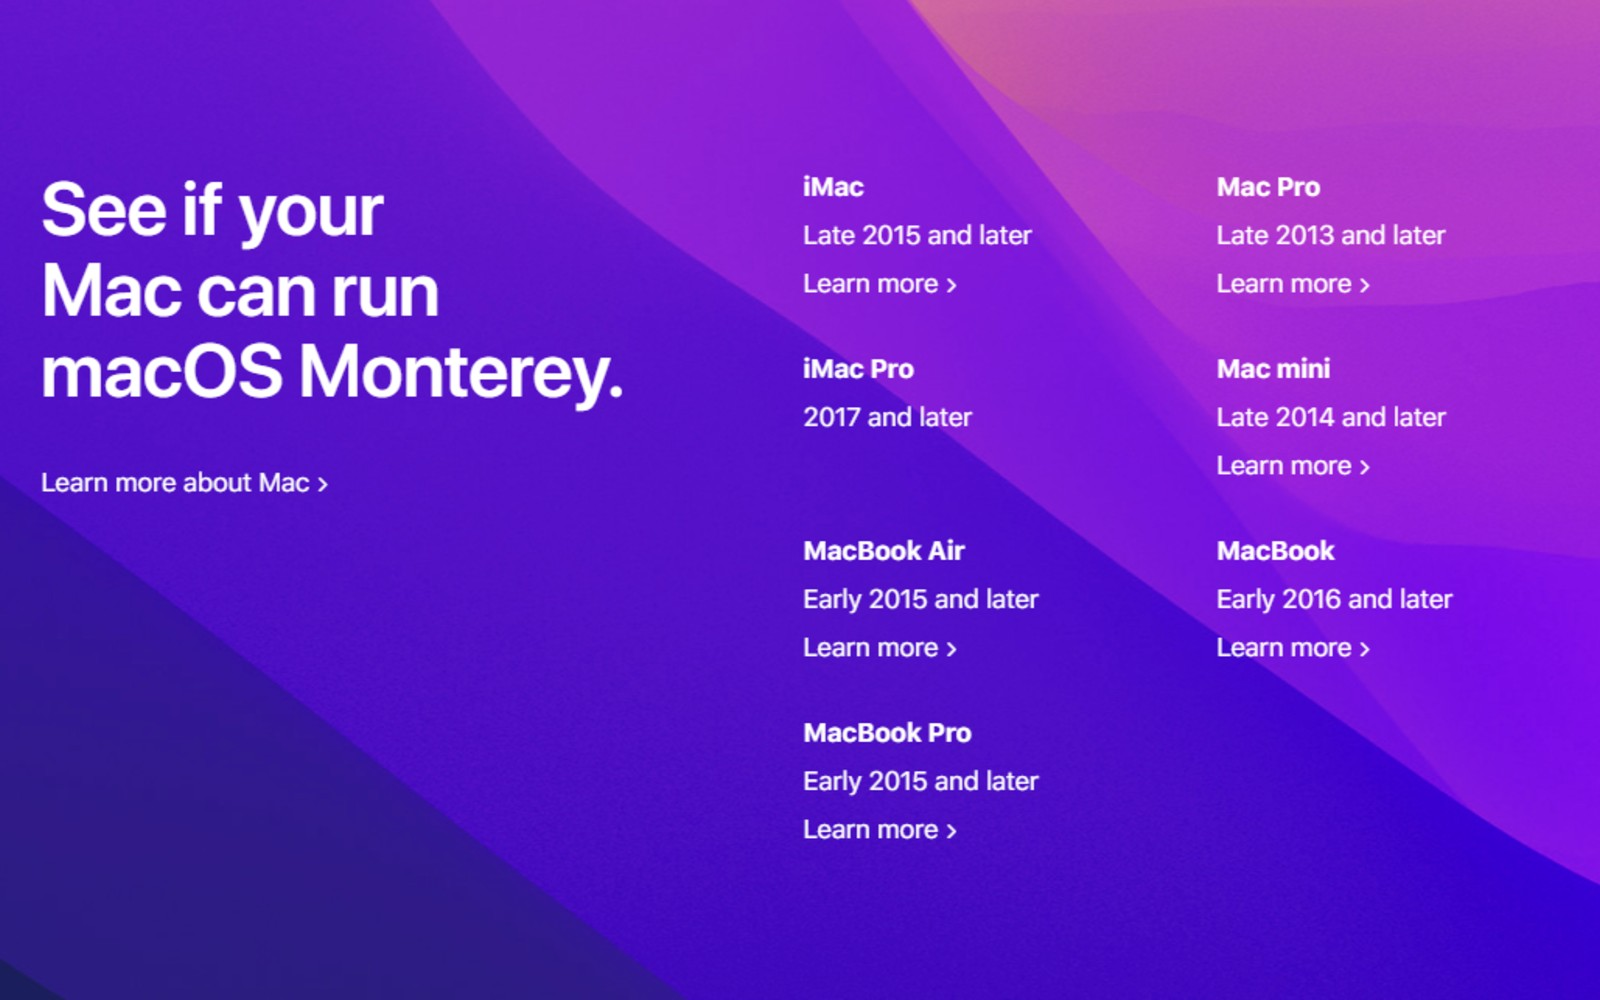 macOS 蒙特雷更新